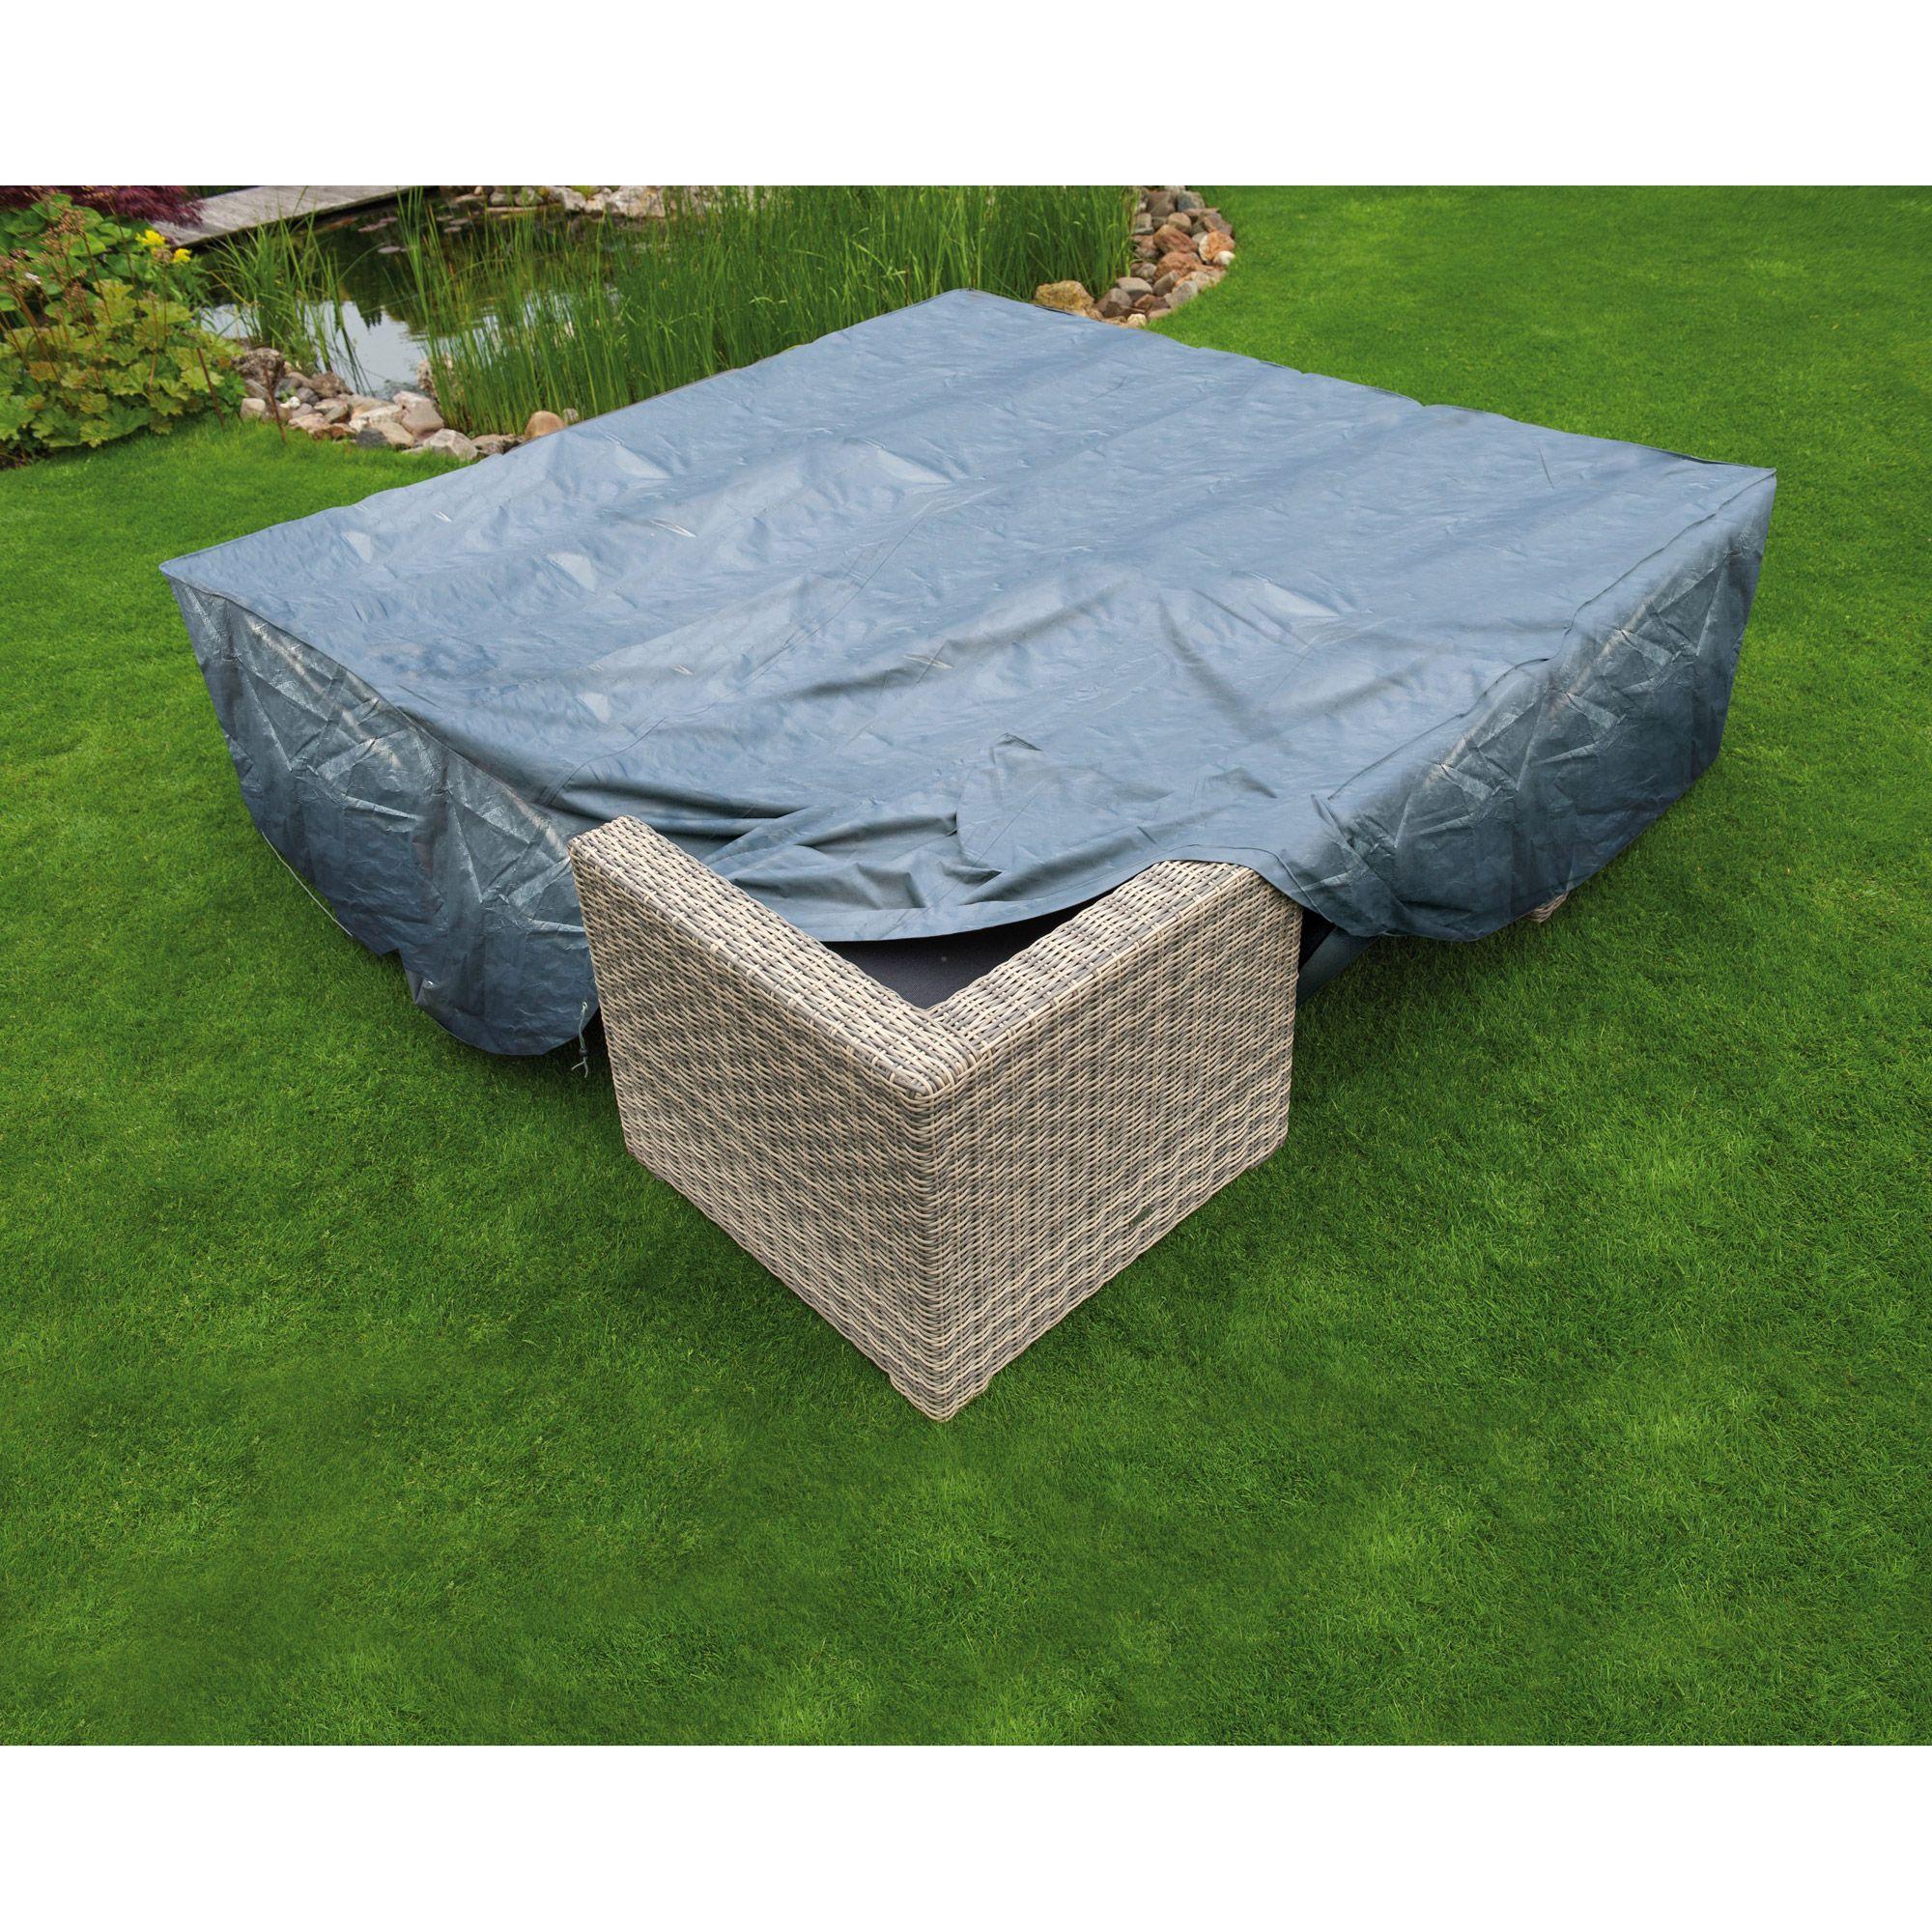 Housse de protection salon bas de jardin 250x250xH70 cm gris ...